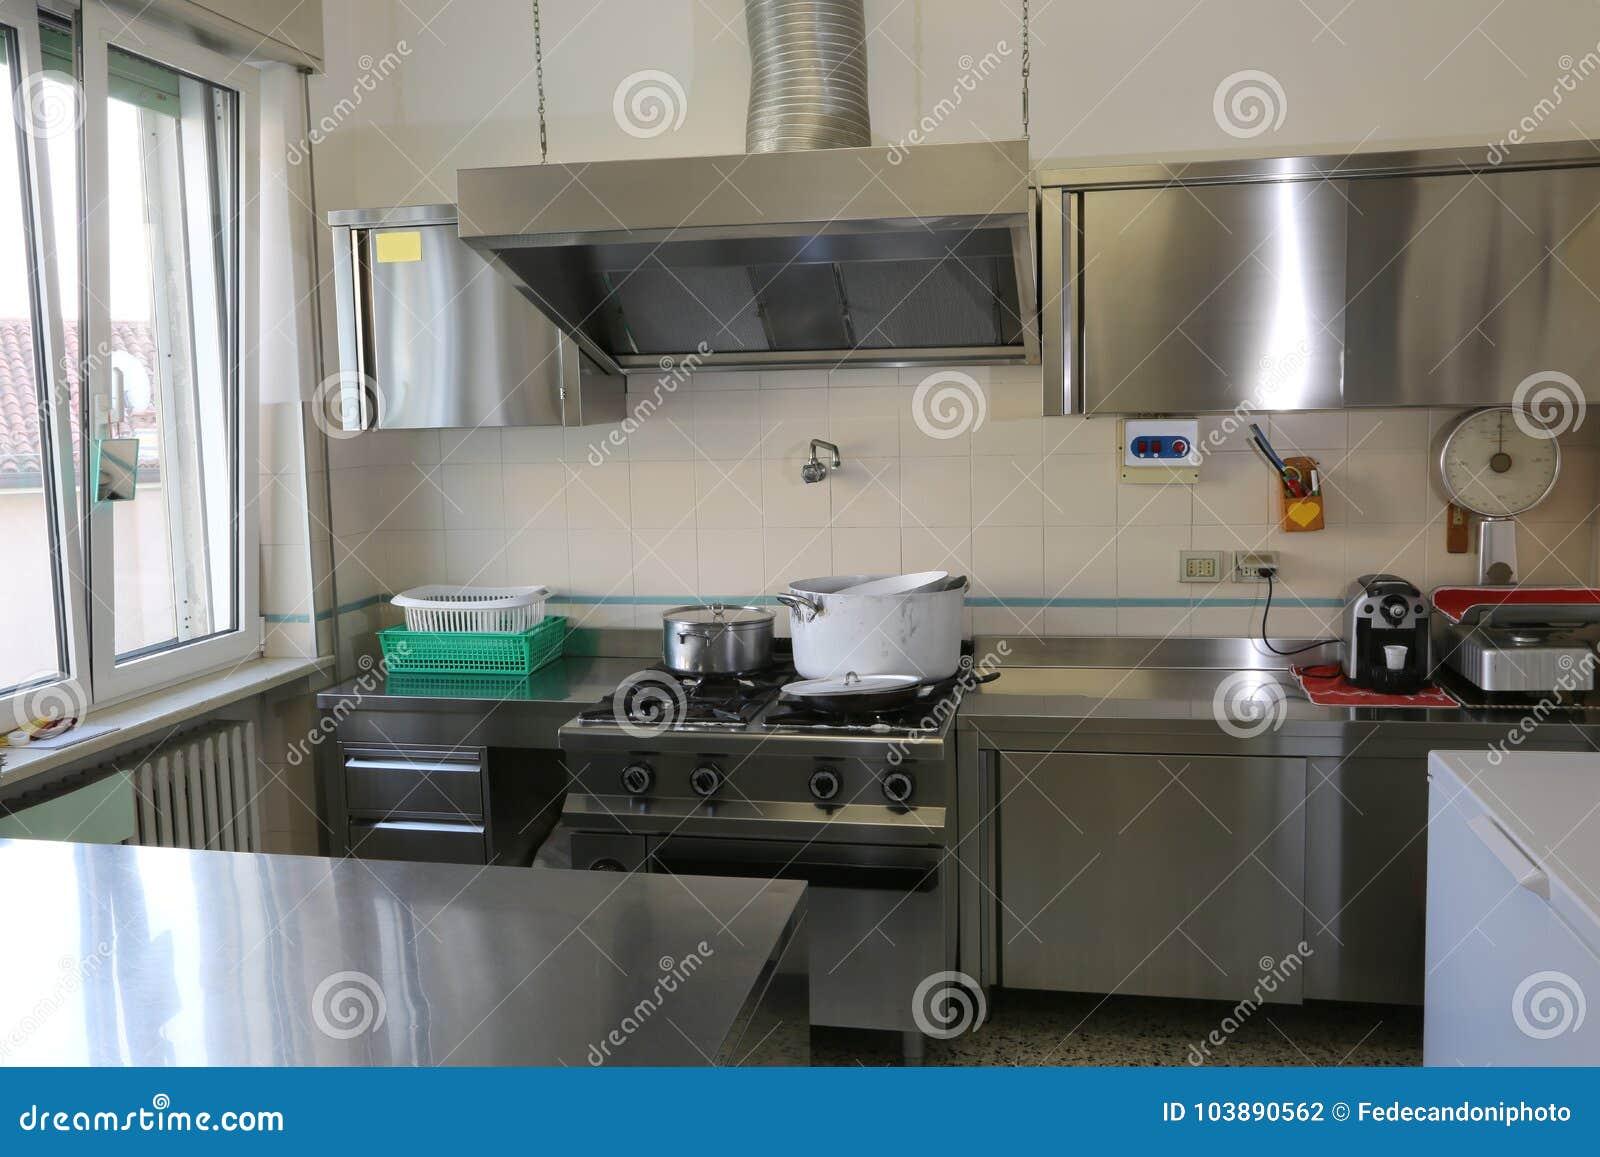 Cocina Industrial Con Muebles En Acero De La Mancha Foto de ...